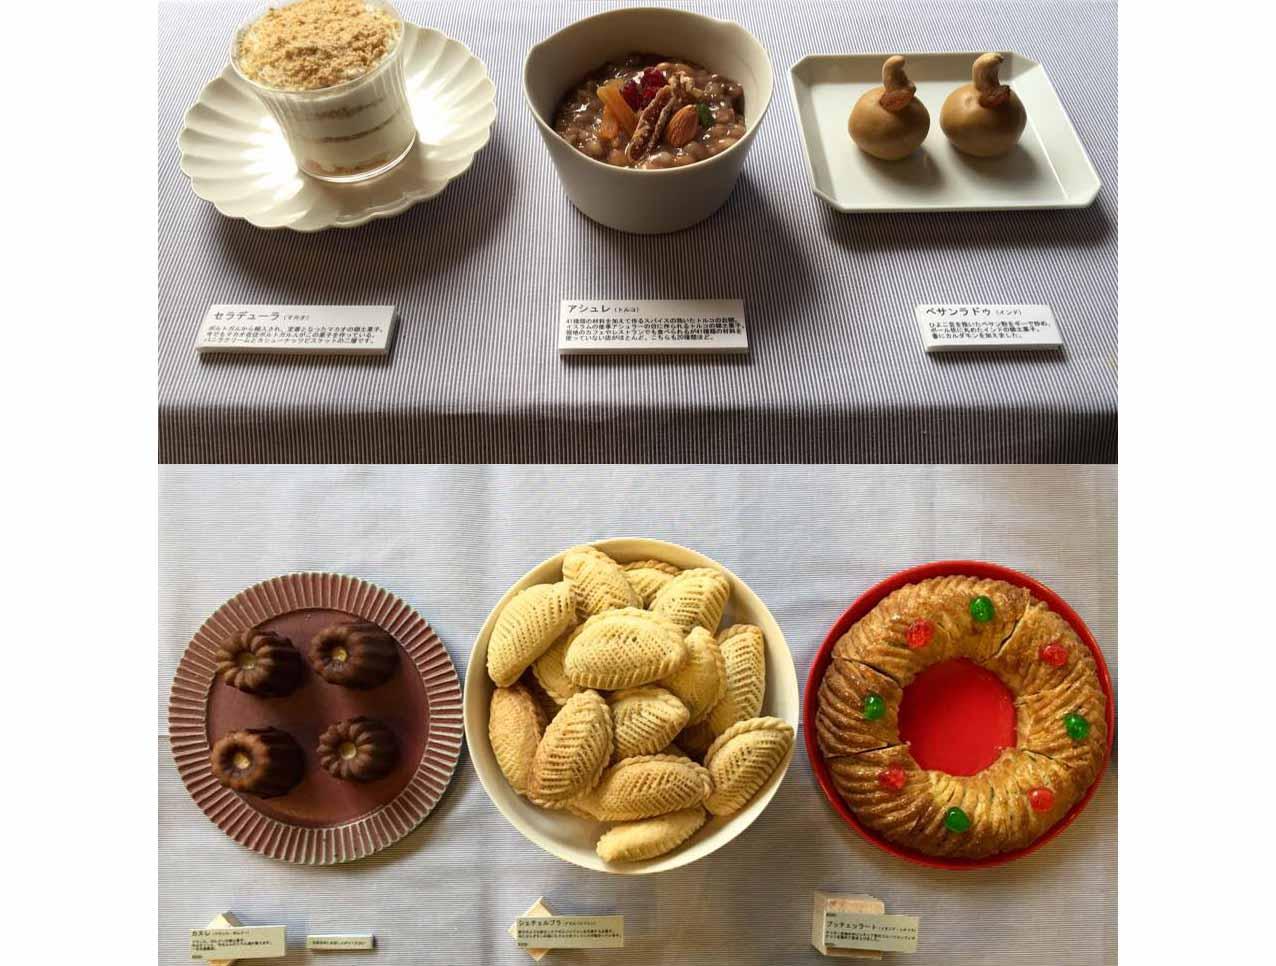 東京で行ったイベントで登場した郷土菓子、今回はどのスイーツが登場するか未定とのこと